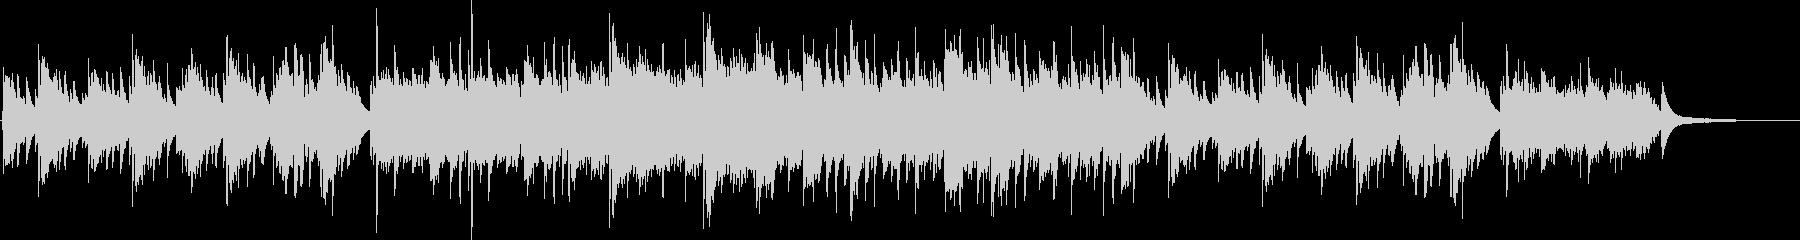 ピアノの優しい曲04の未再生の波形